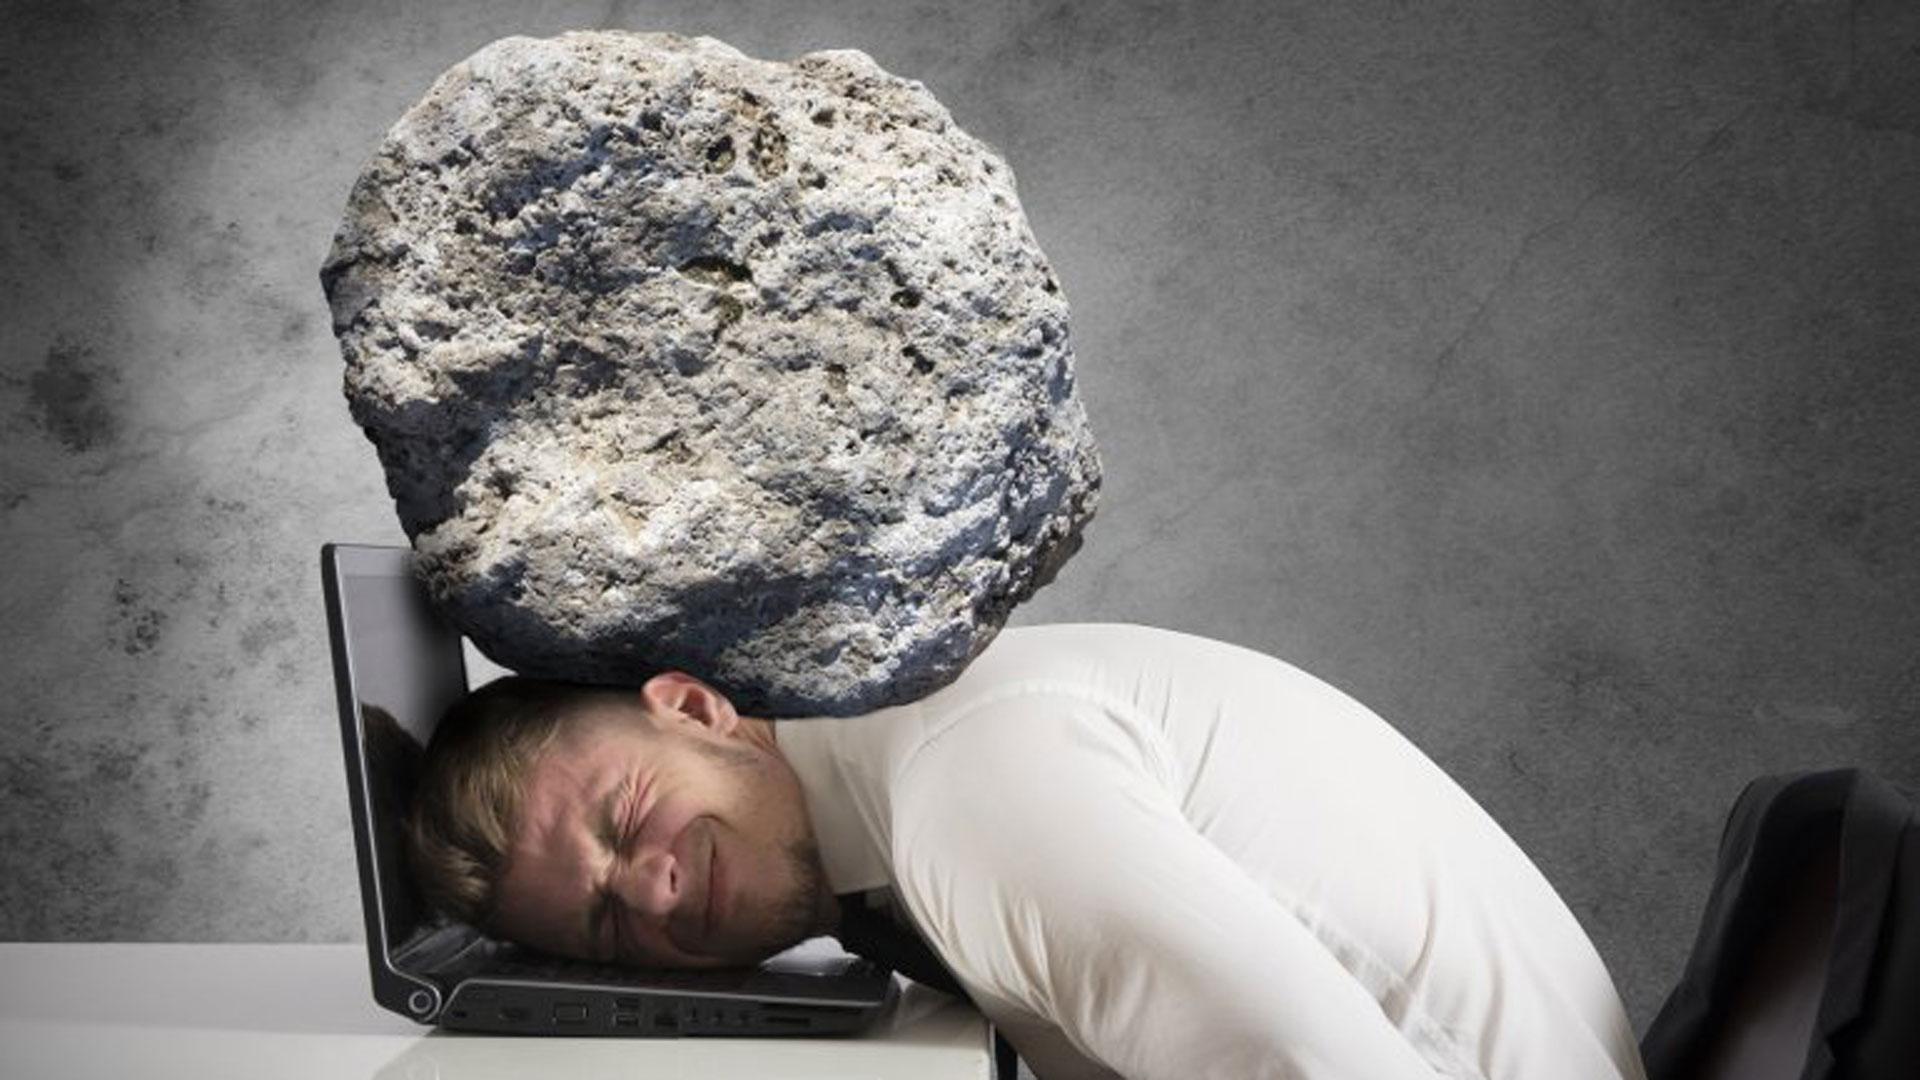 Los consumidores deben sufrir, muchas veces, la falta de respuestas (Shutterstock)